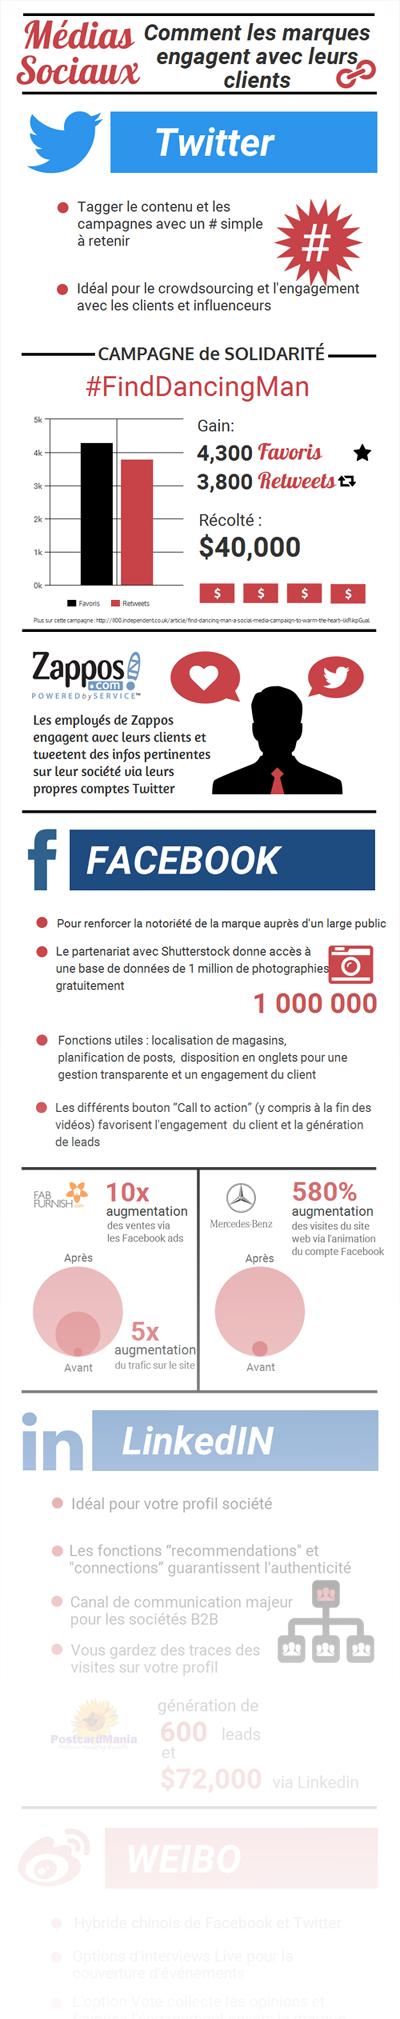 Infographie-Comment-les-marques-engagent-avec-leurs-clients-sur-les-medias-sociaux